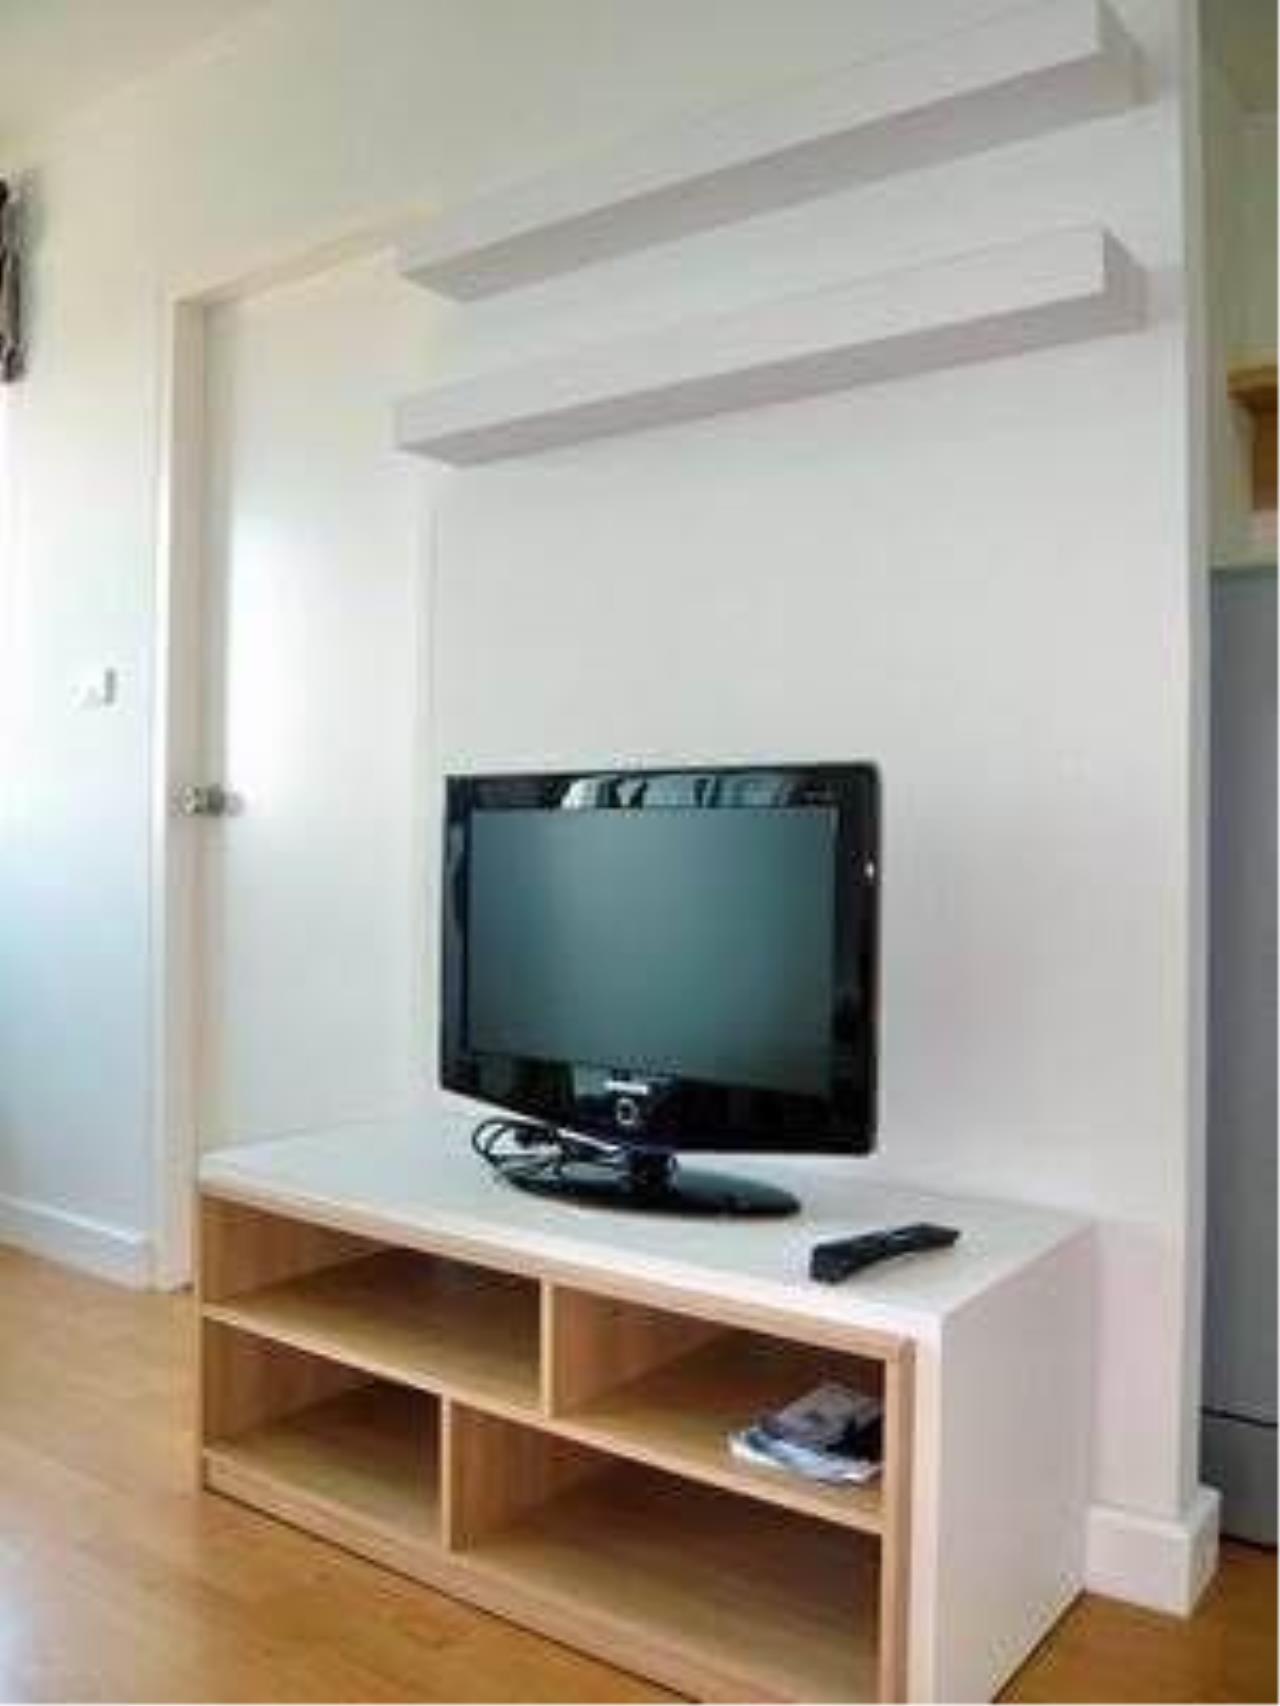 Quality Life Property Agency's S A L E & R E N T ! My Condo Sukhumvit 81 | 1 BED 1 BATH | 26 SQ. M. 1